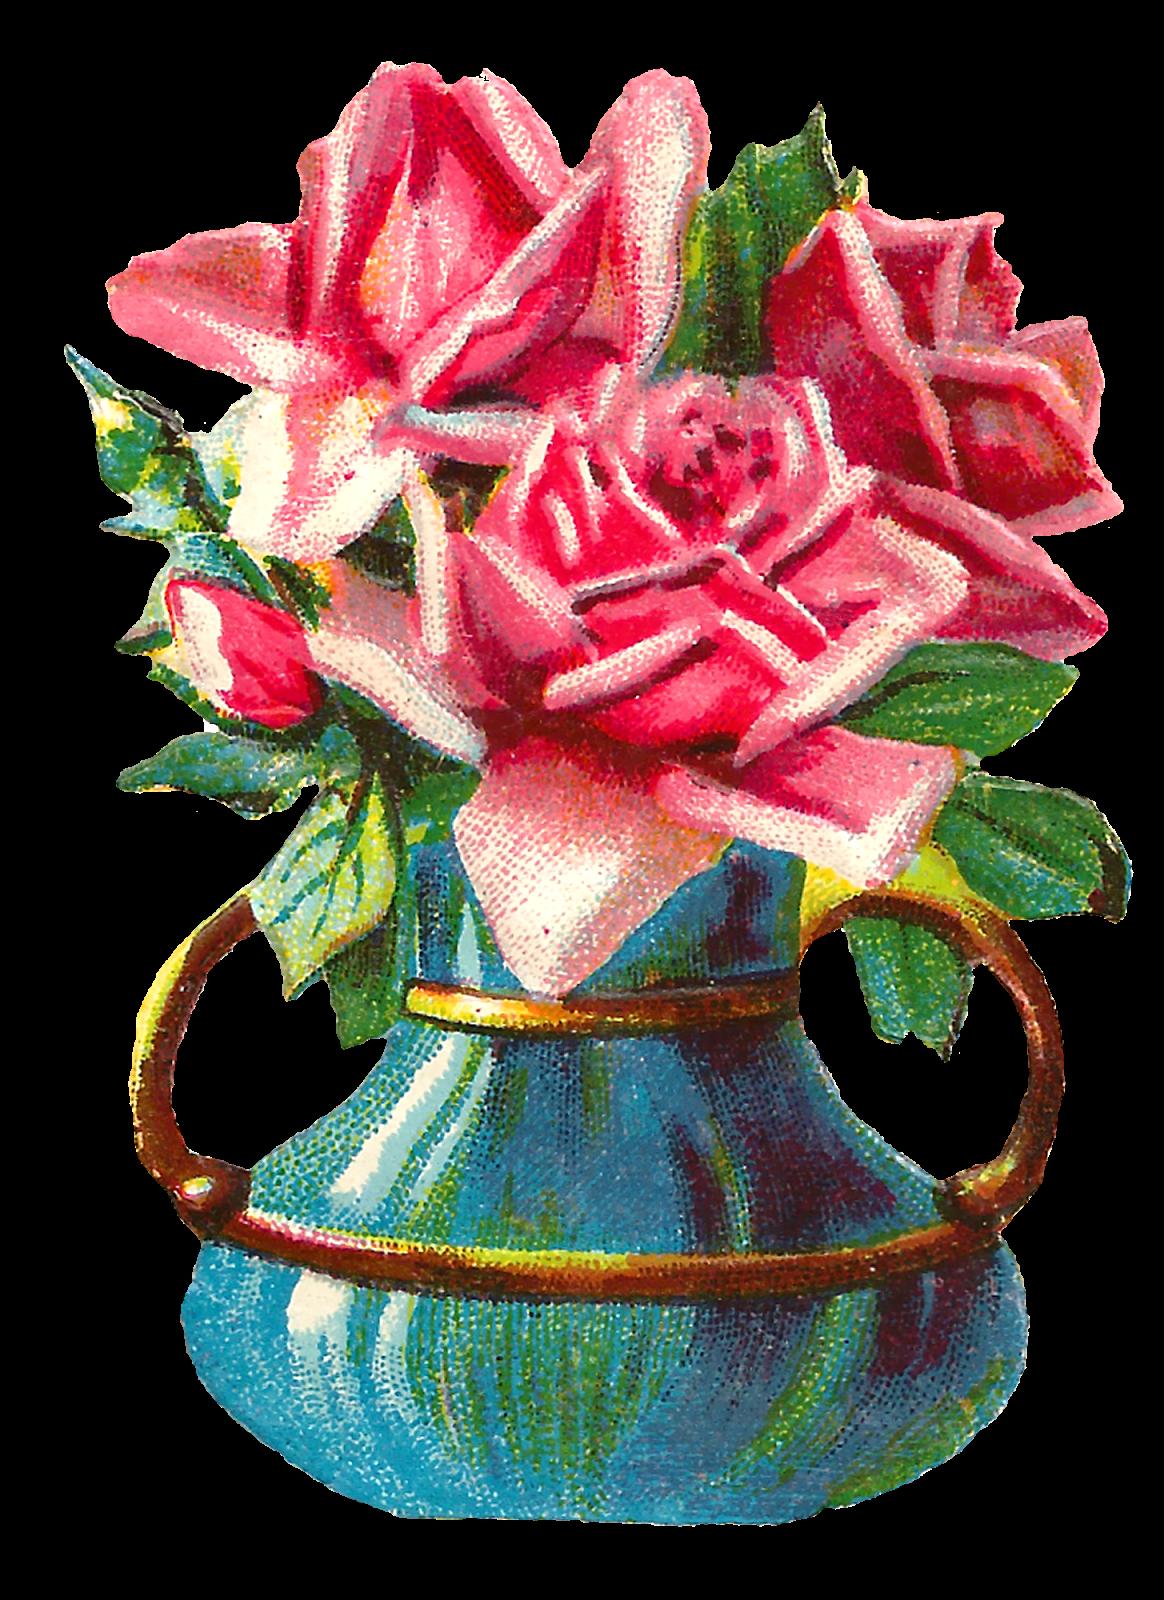 Vase clipart vintage, Vase vintage Transparent FREE for.